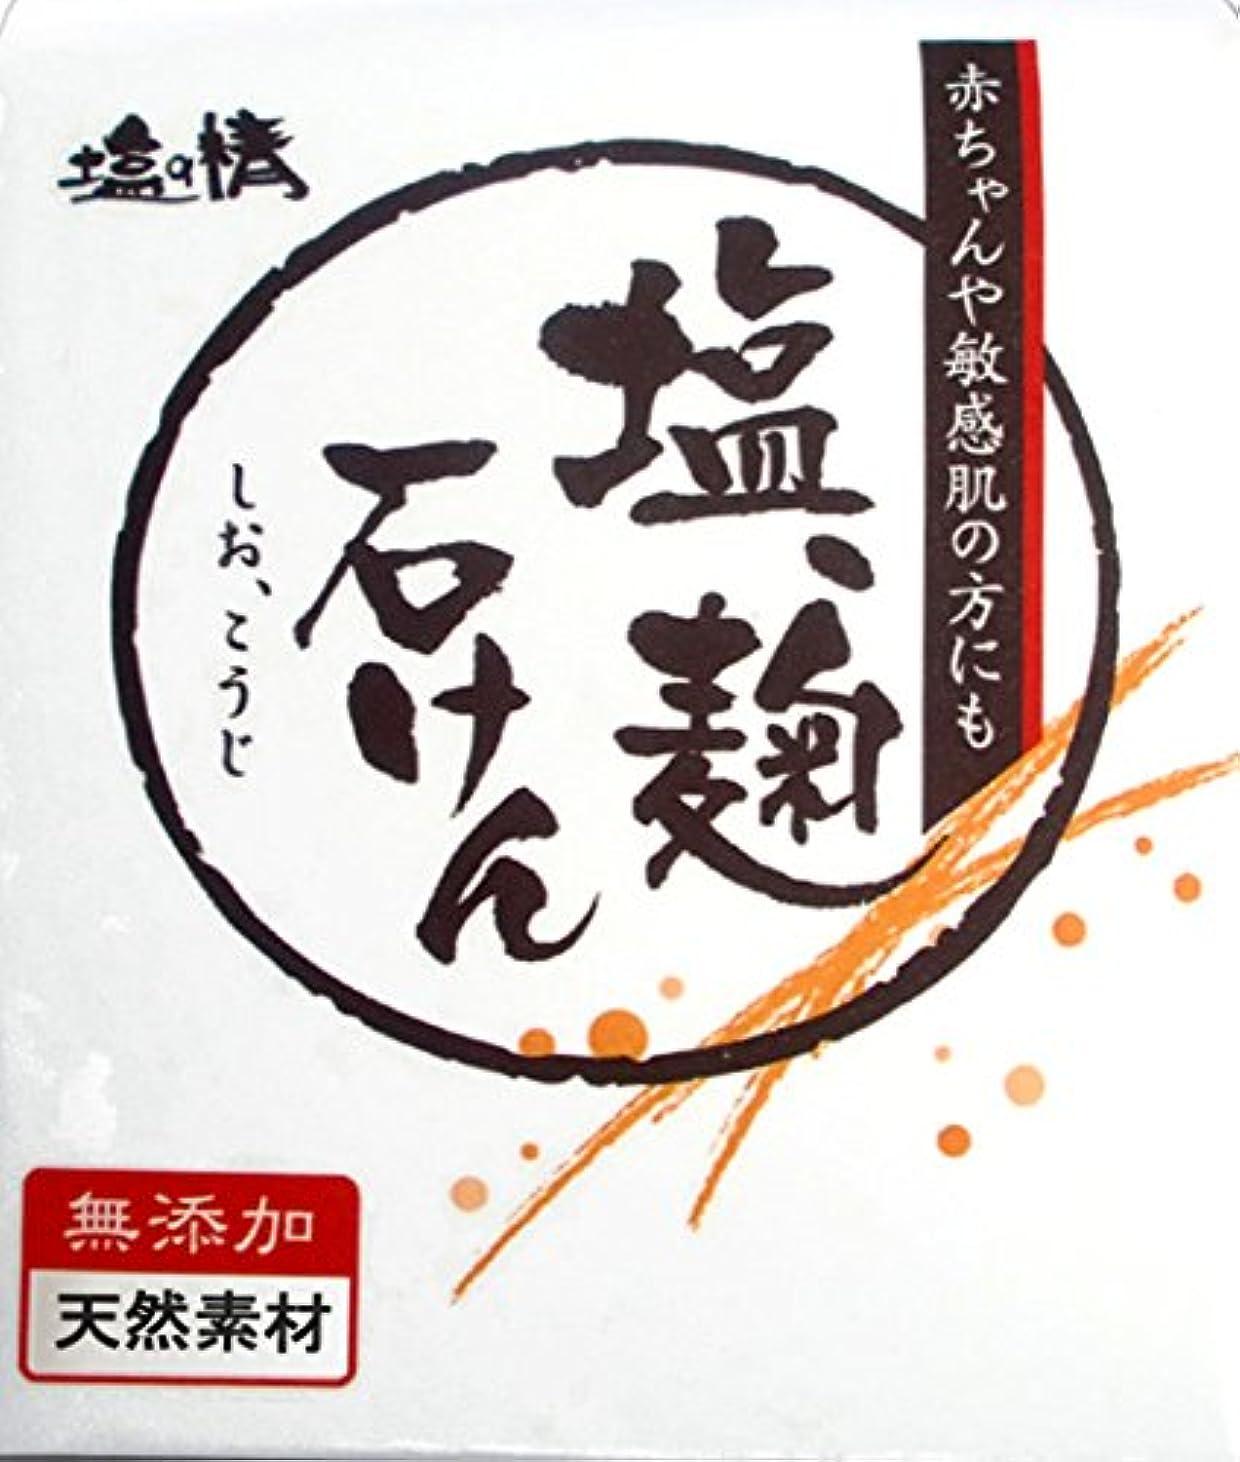 後世うま違反するダイム 塩の精 無添加 塩、麹石けん 80g